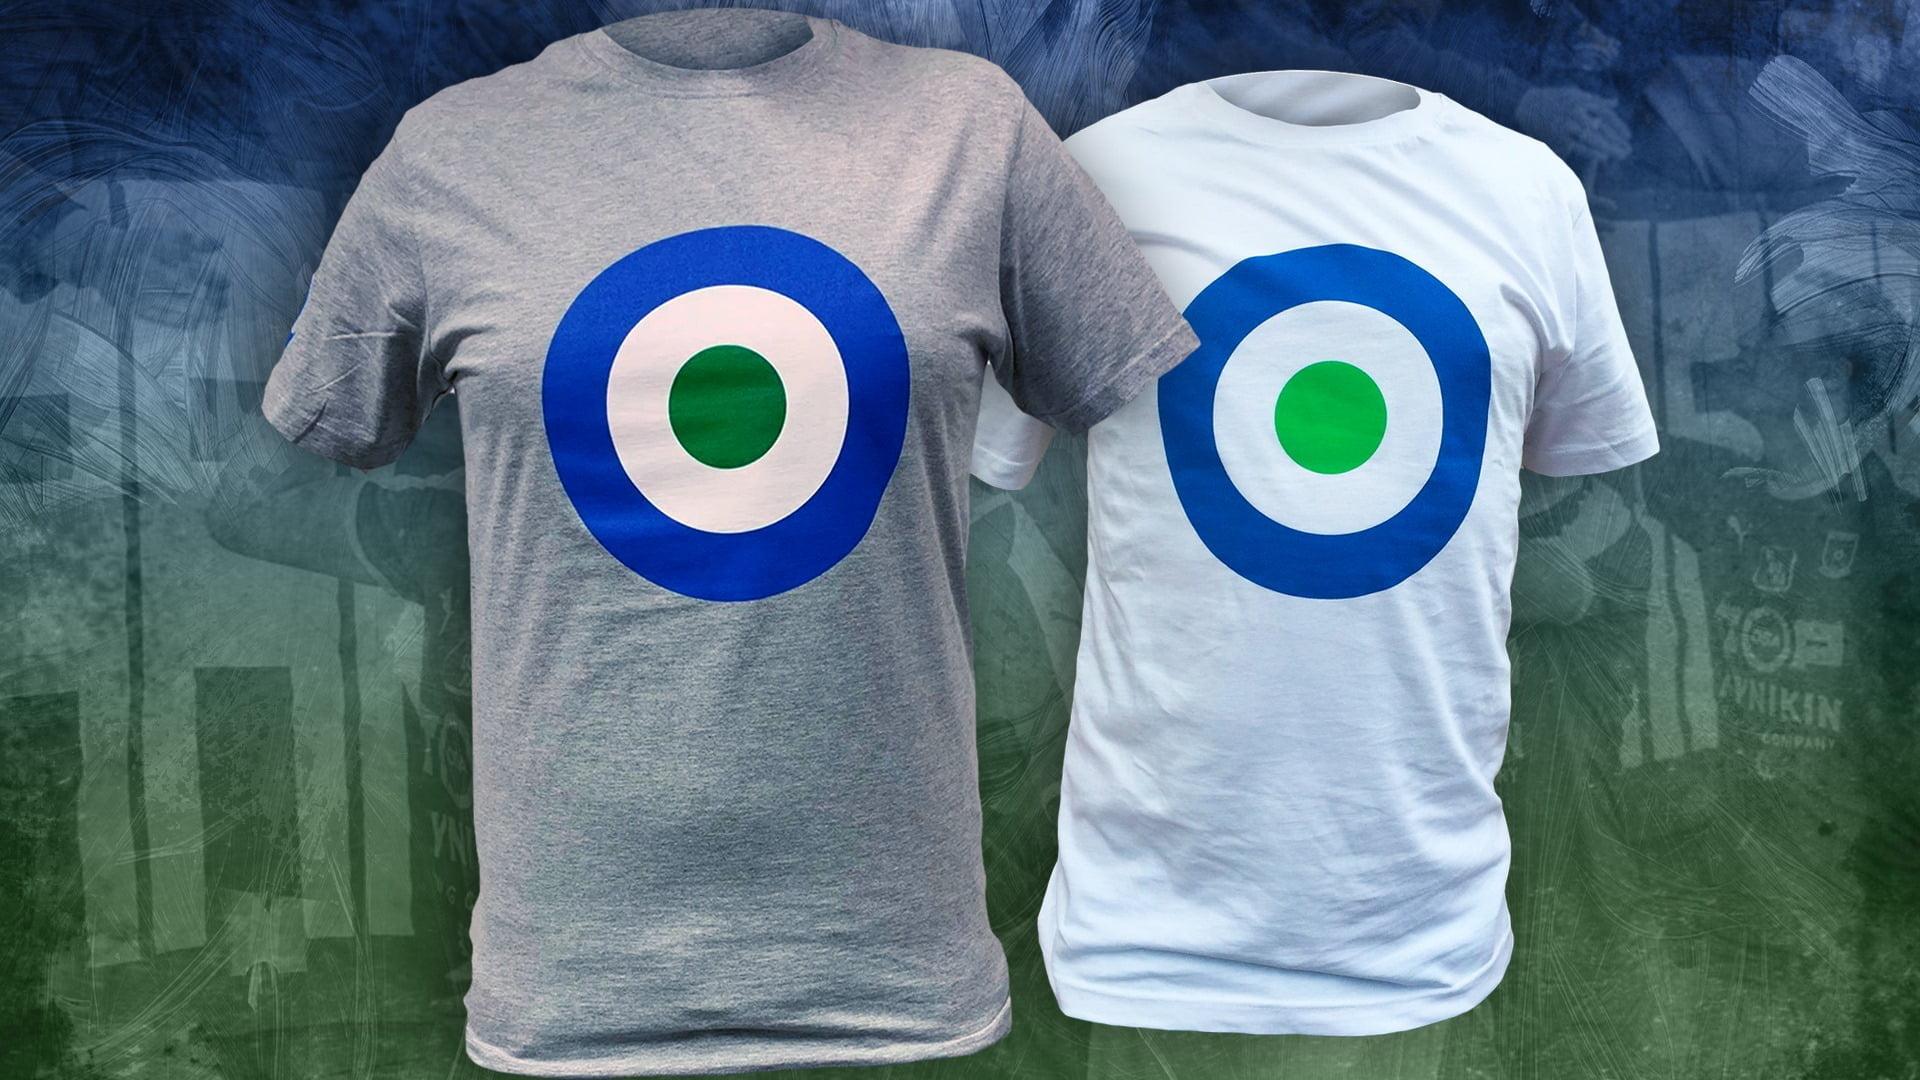 RAF-henkisistä t-paidoista myyntiin myös harmaa versio -uutiskuva